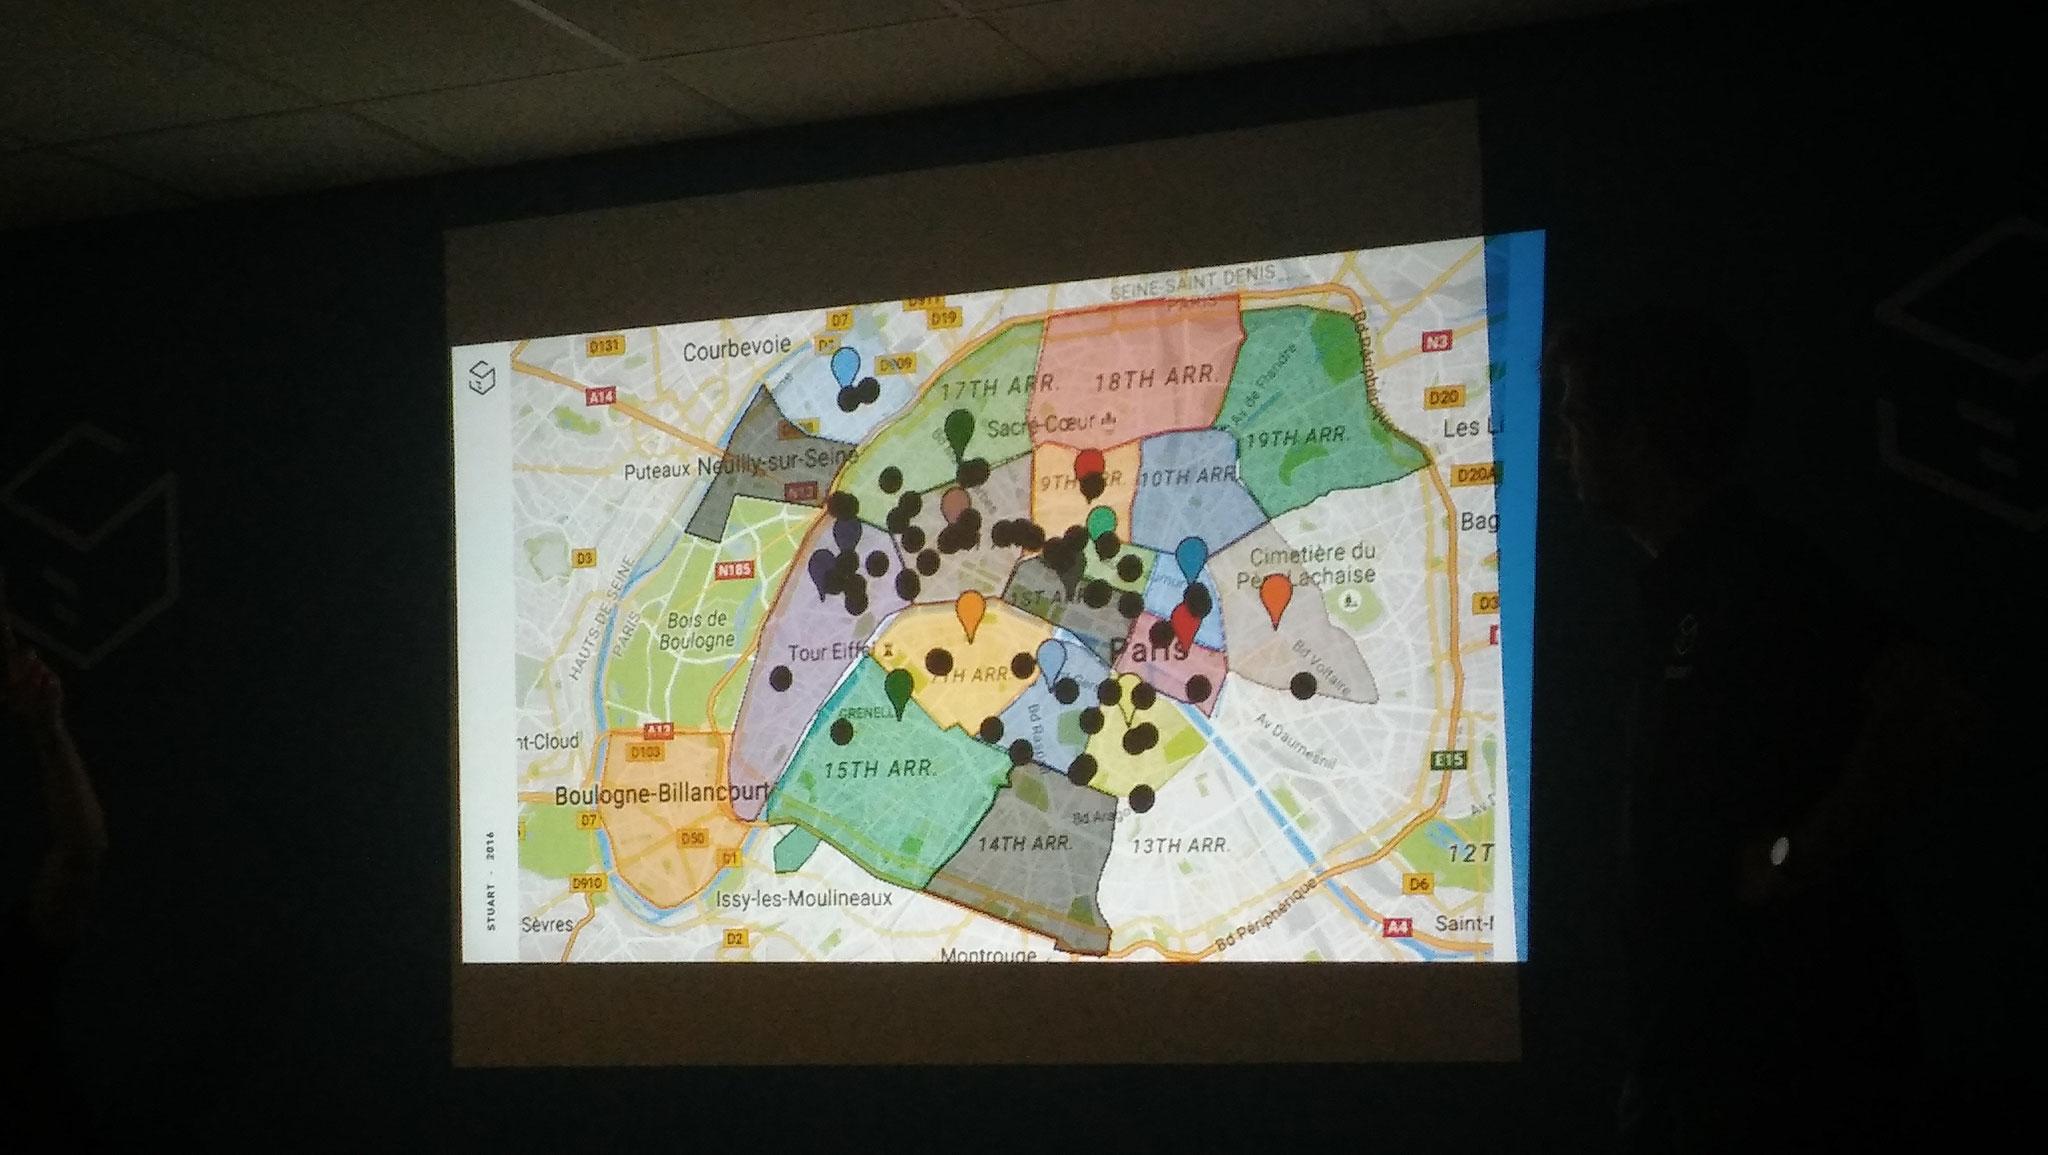 Stuart s'est développé historiquement dans le centre-ouest de Paris, et propose désormais toutes zones, par arrondissement